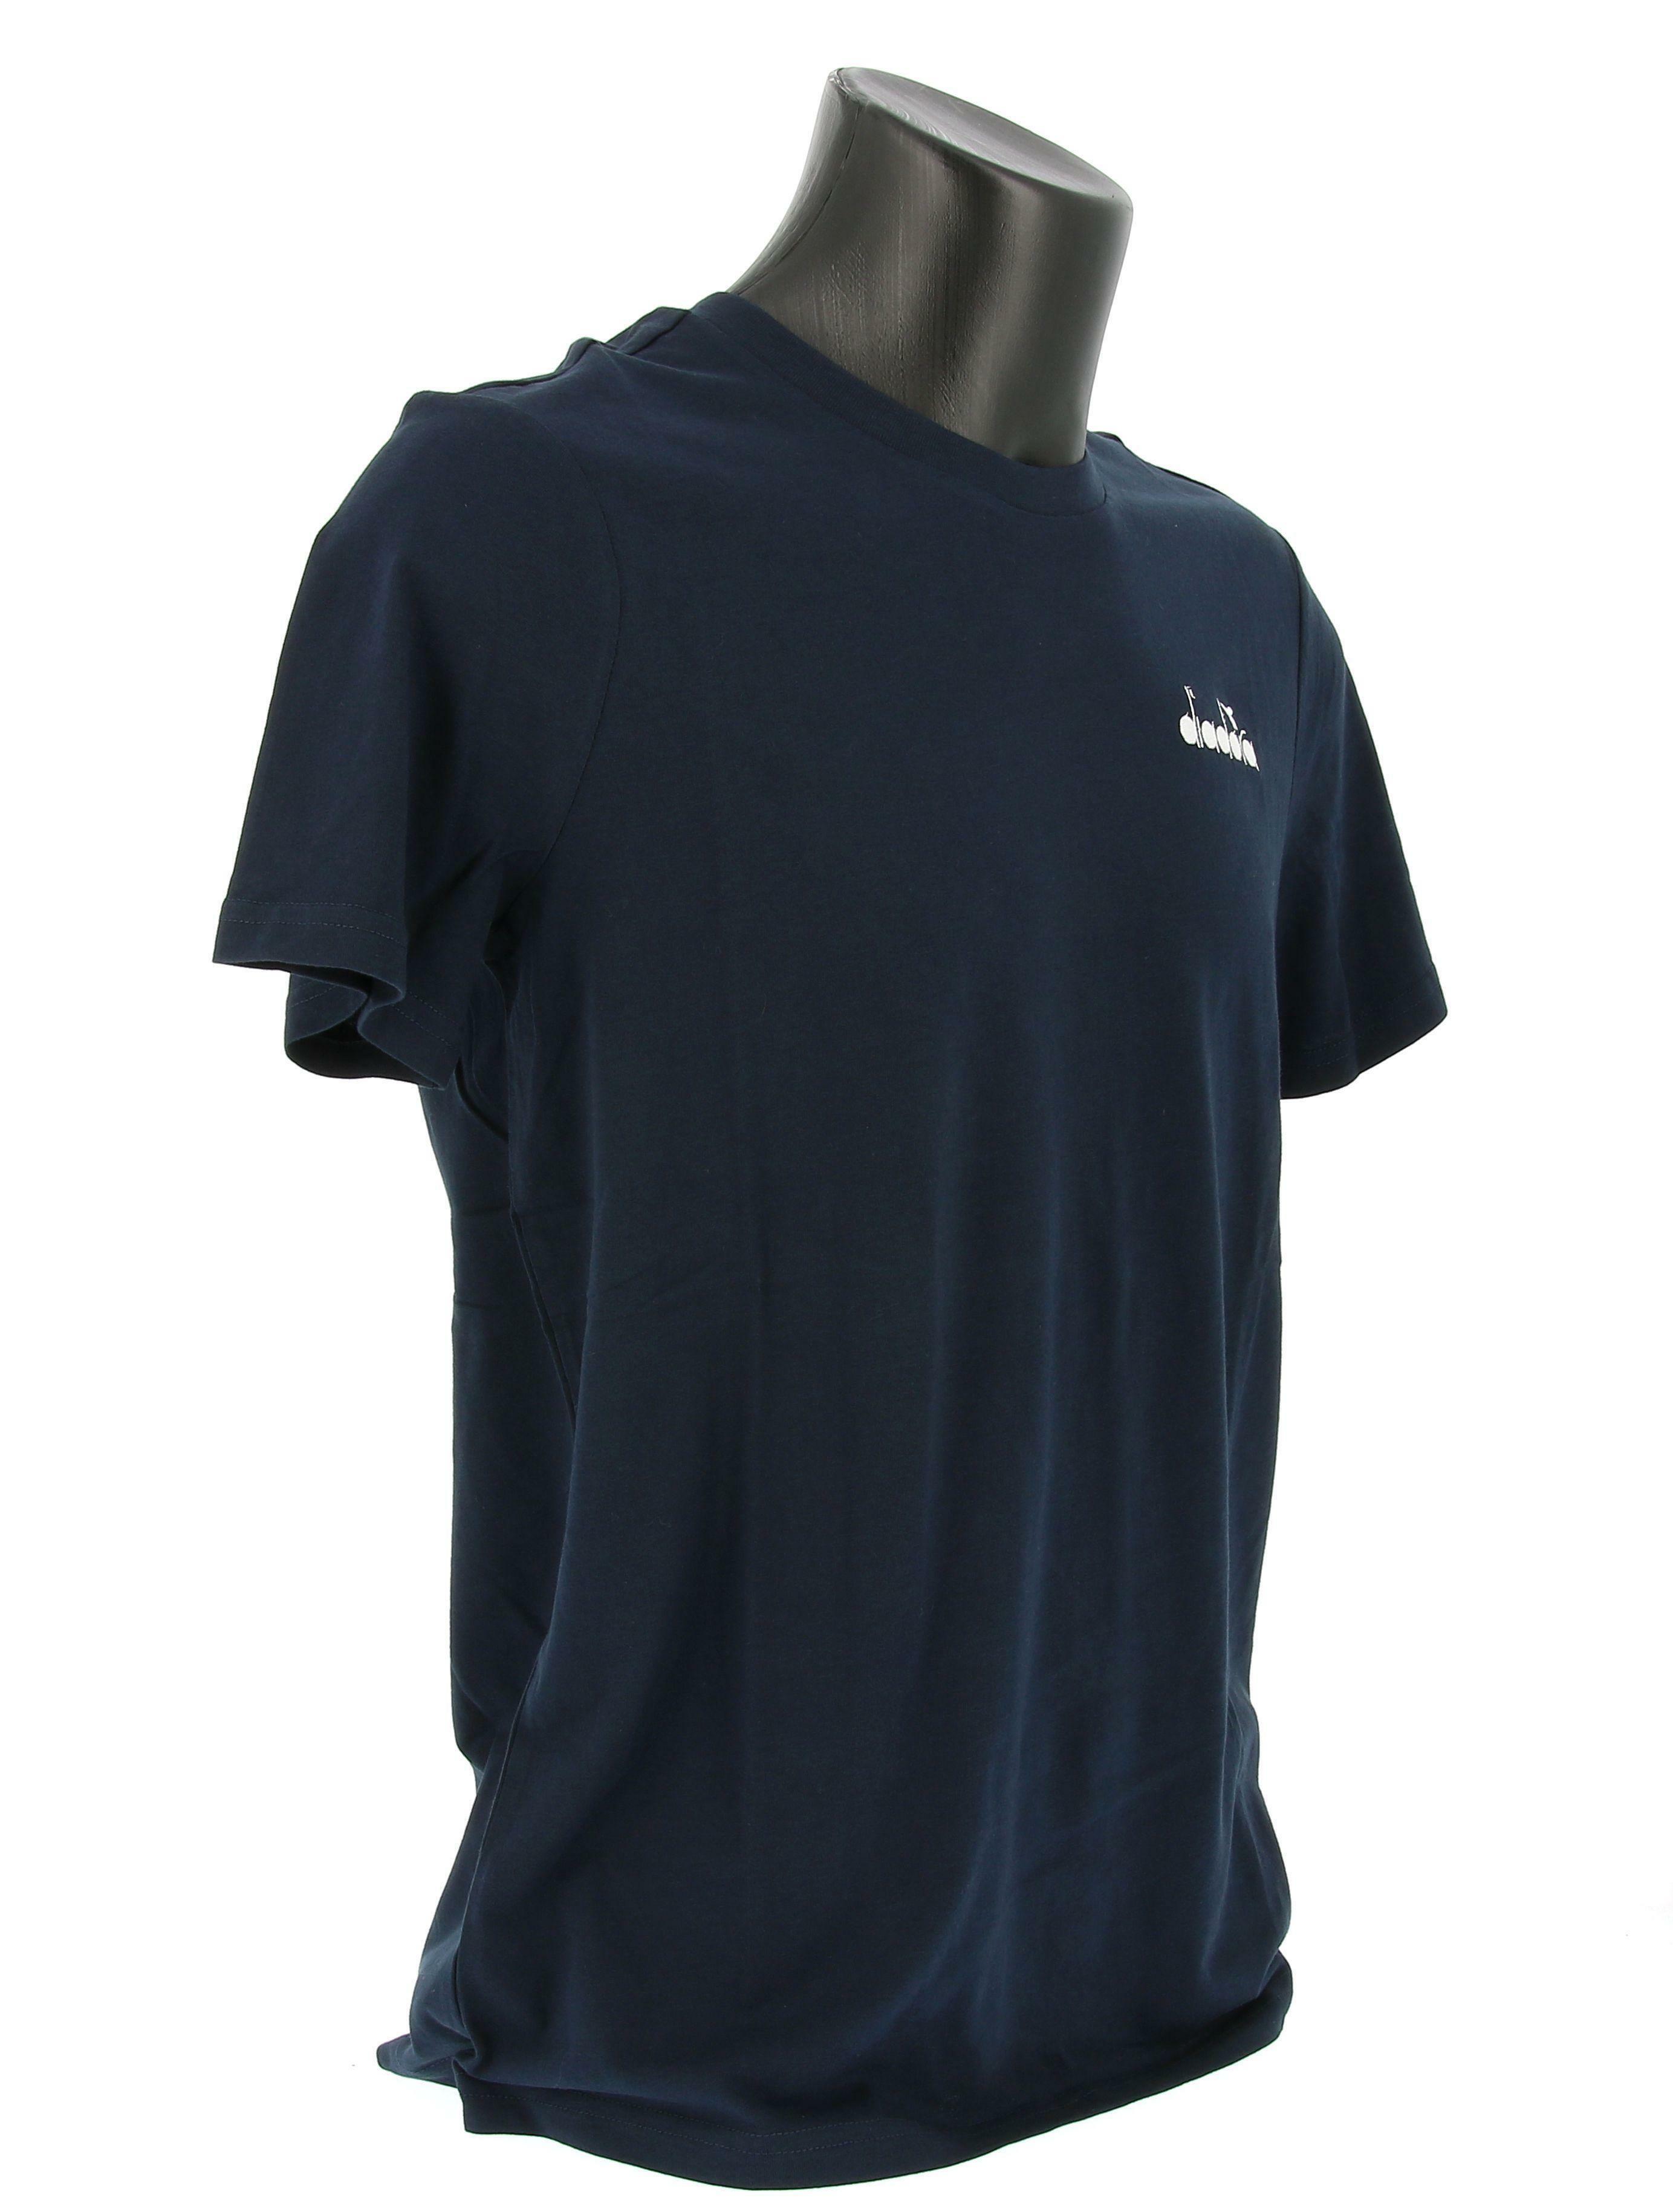 diadora diadora t-shirt